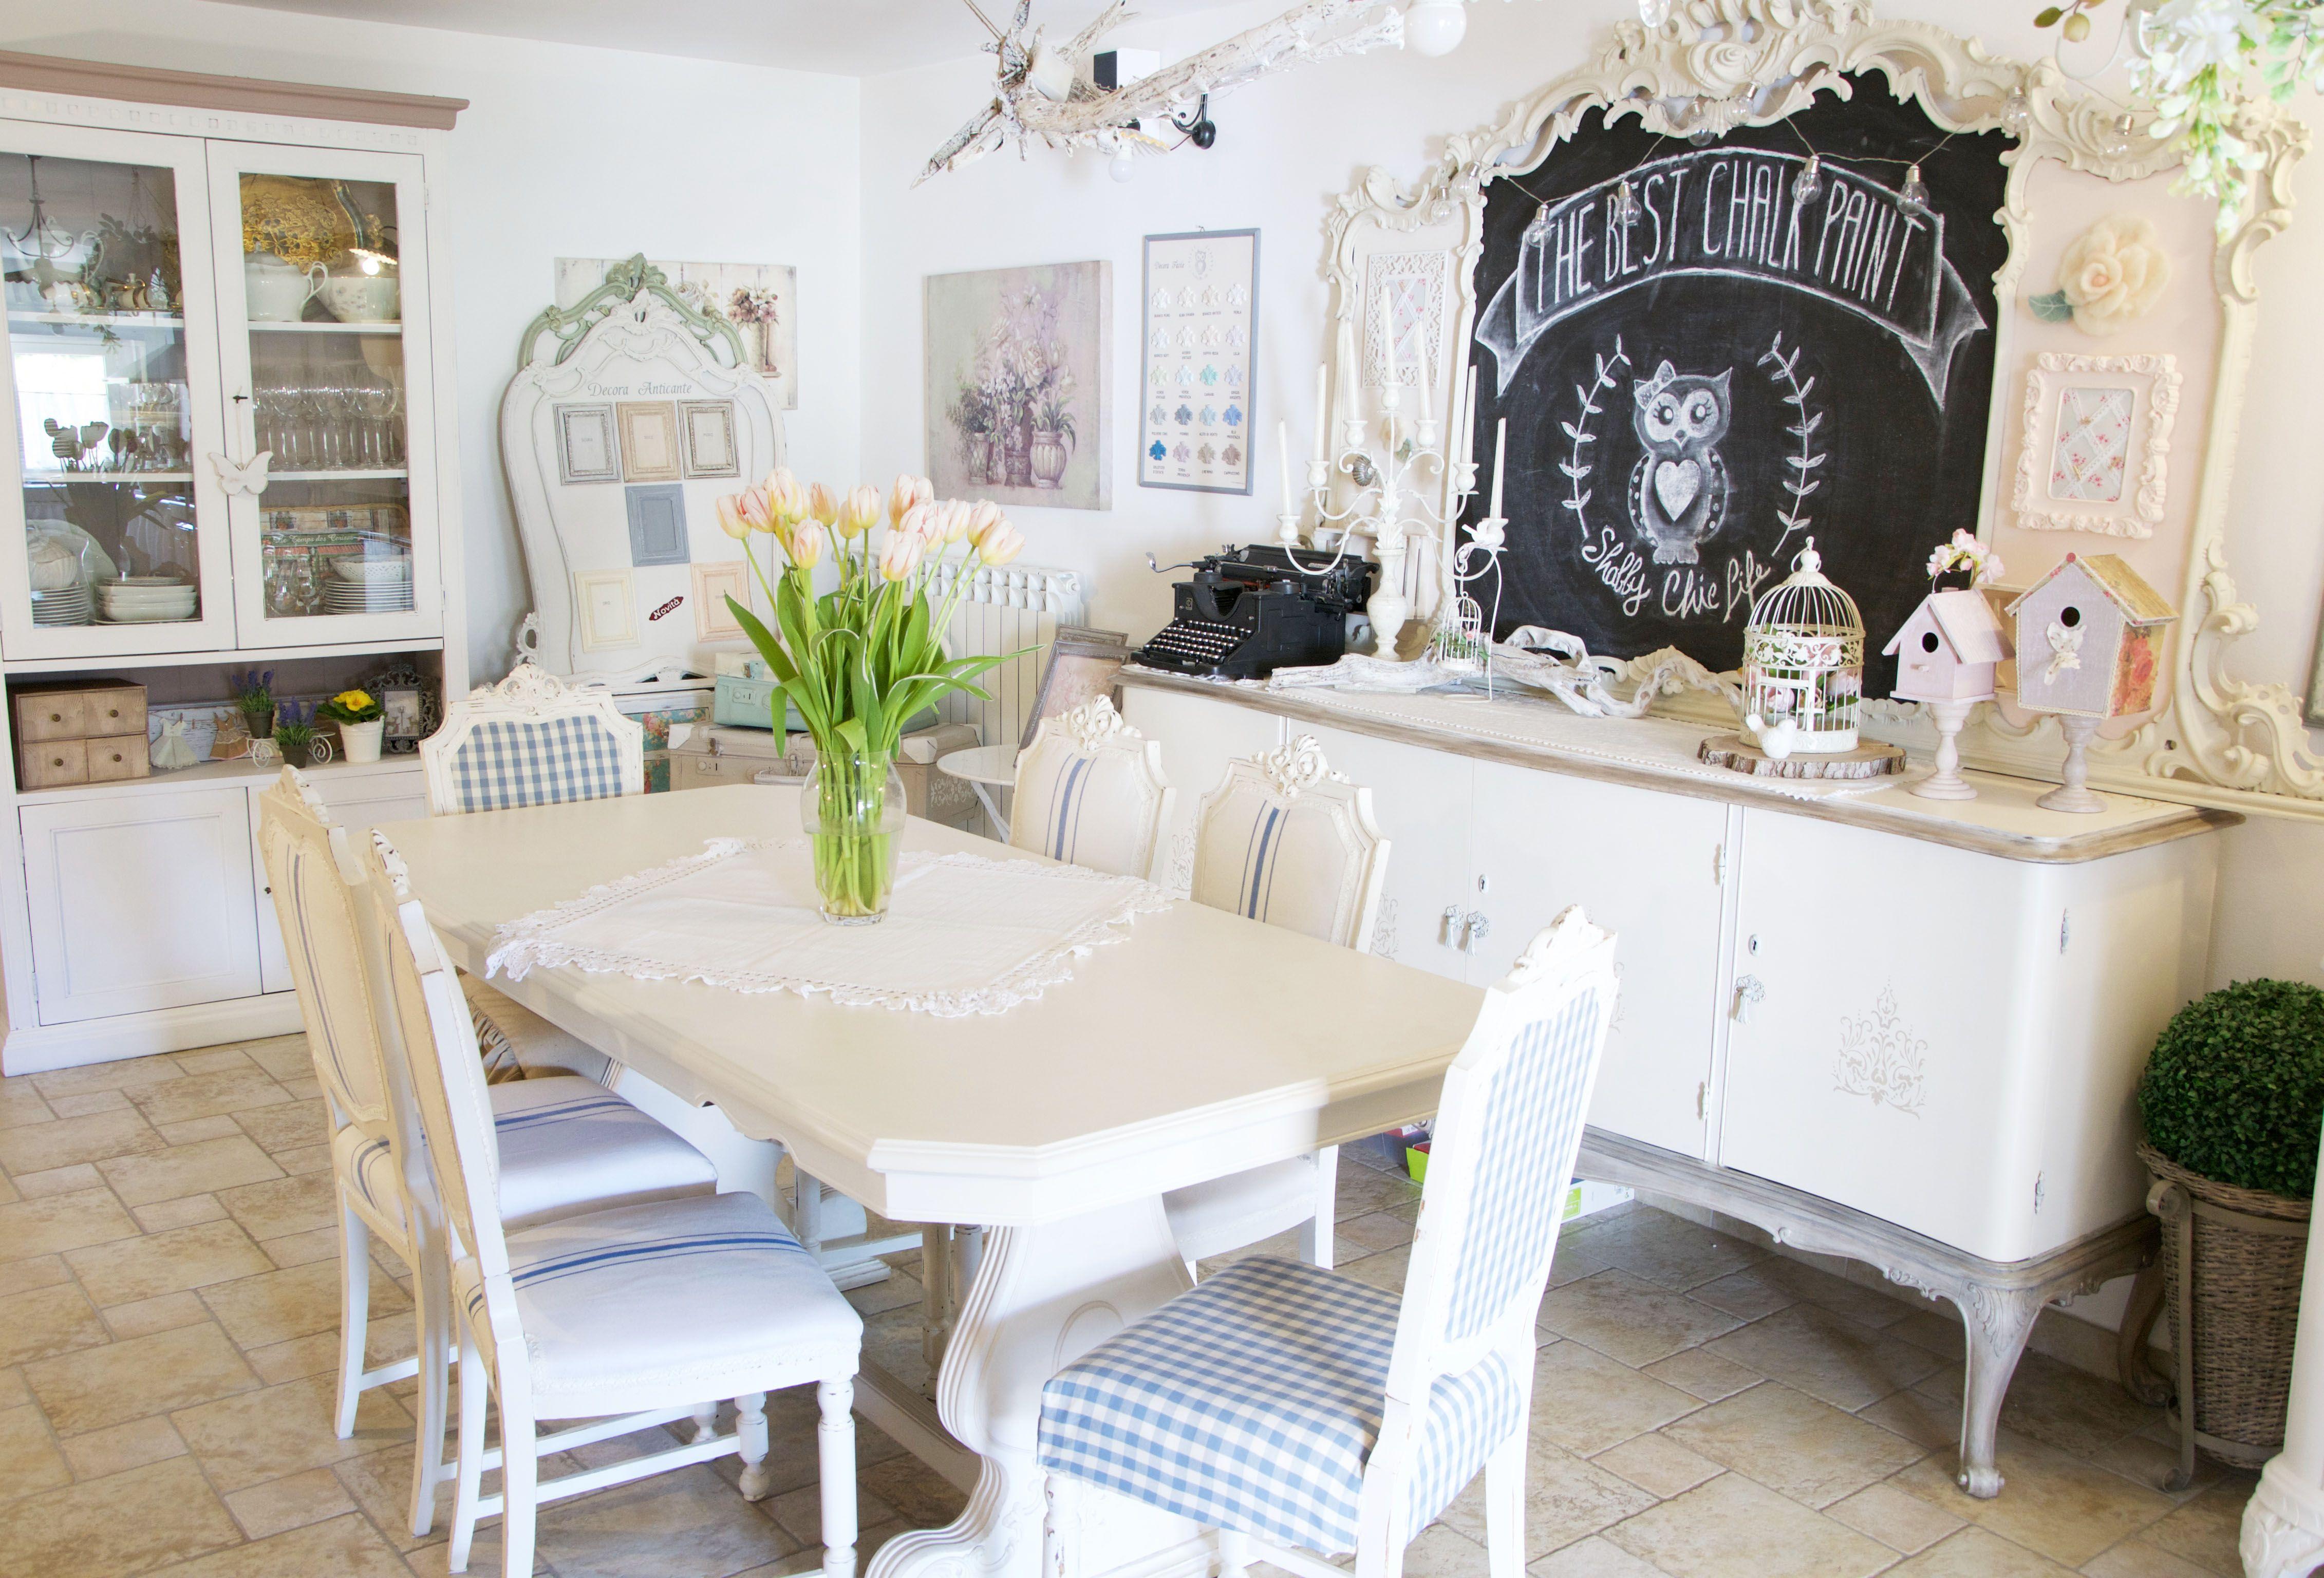 Tavolo Da Pranzo Shabby Chic : Tavolo da pranzo shabby chic tavoli shabby chic home interior idee